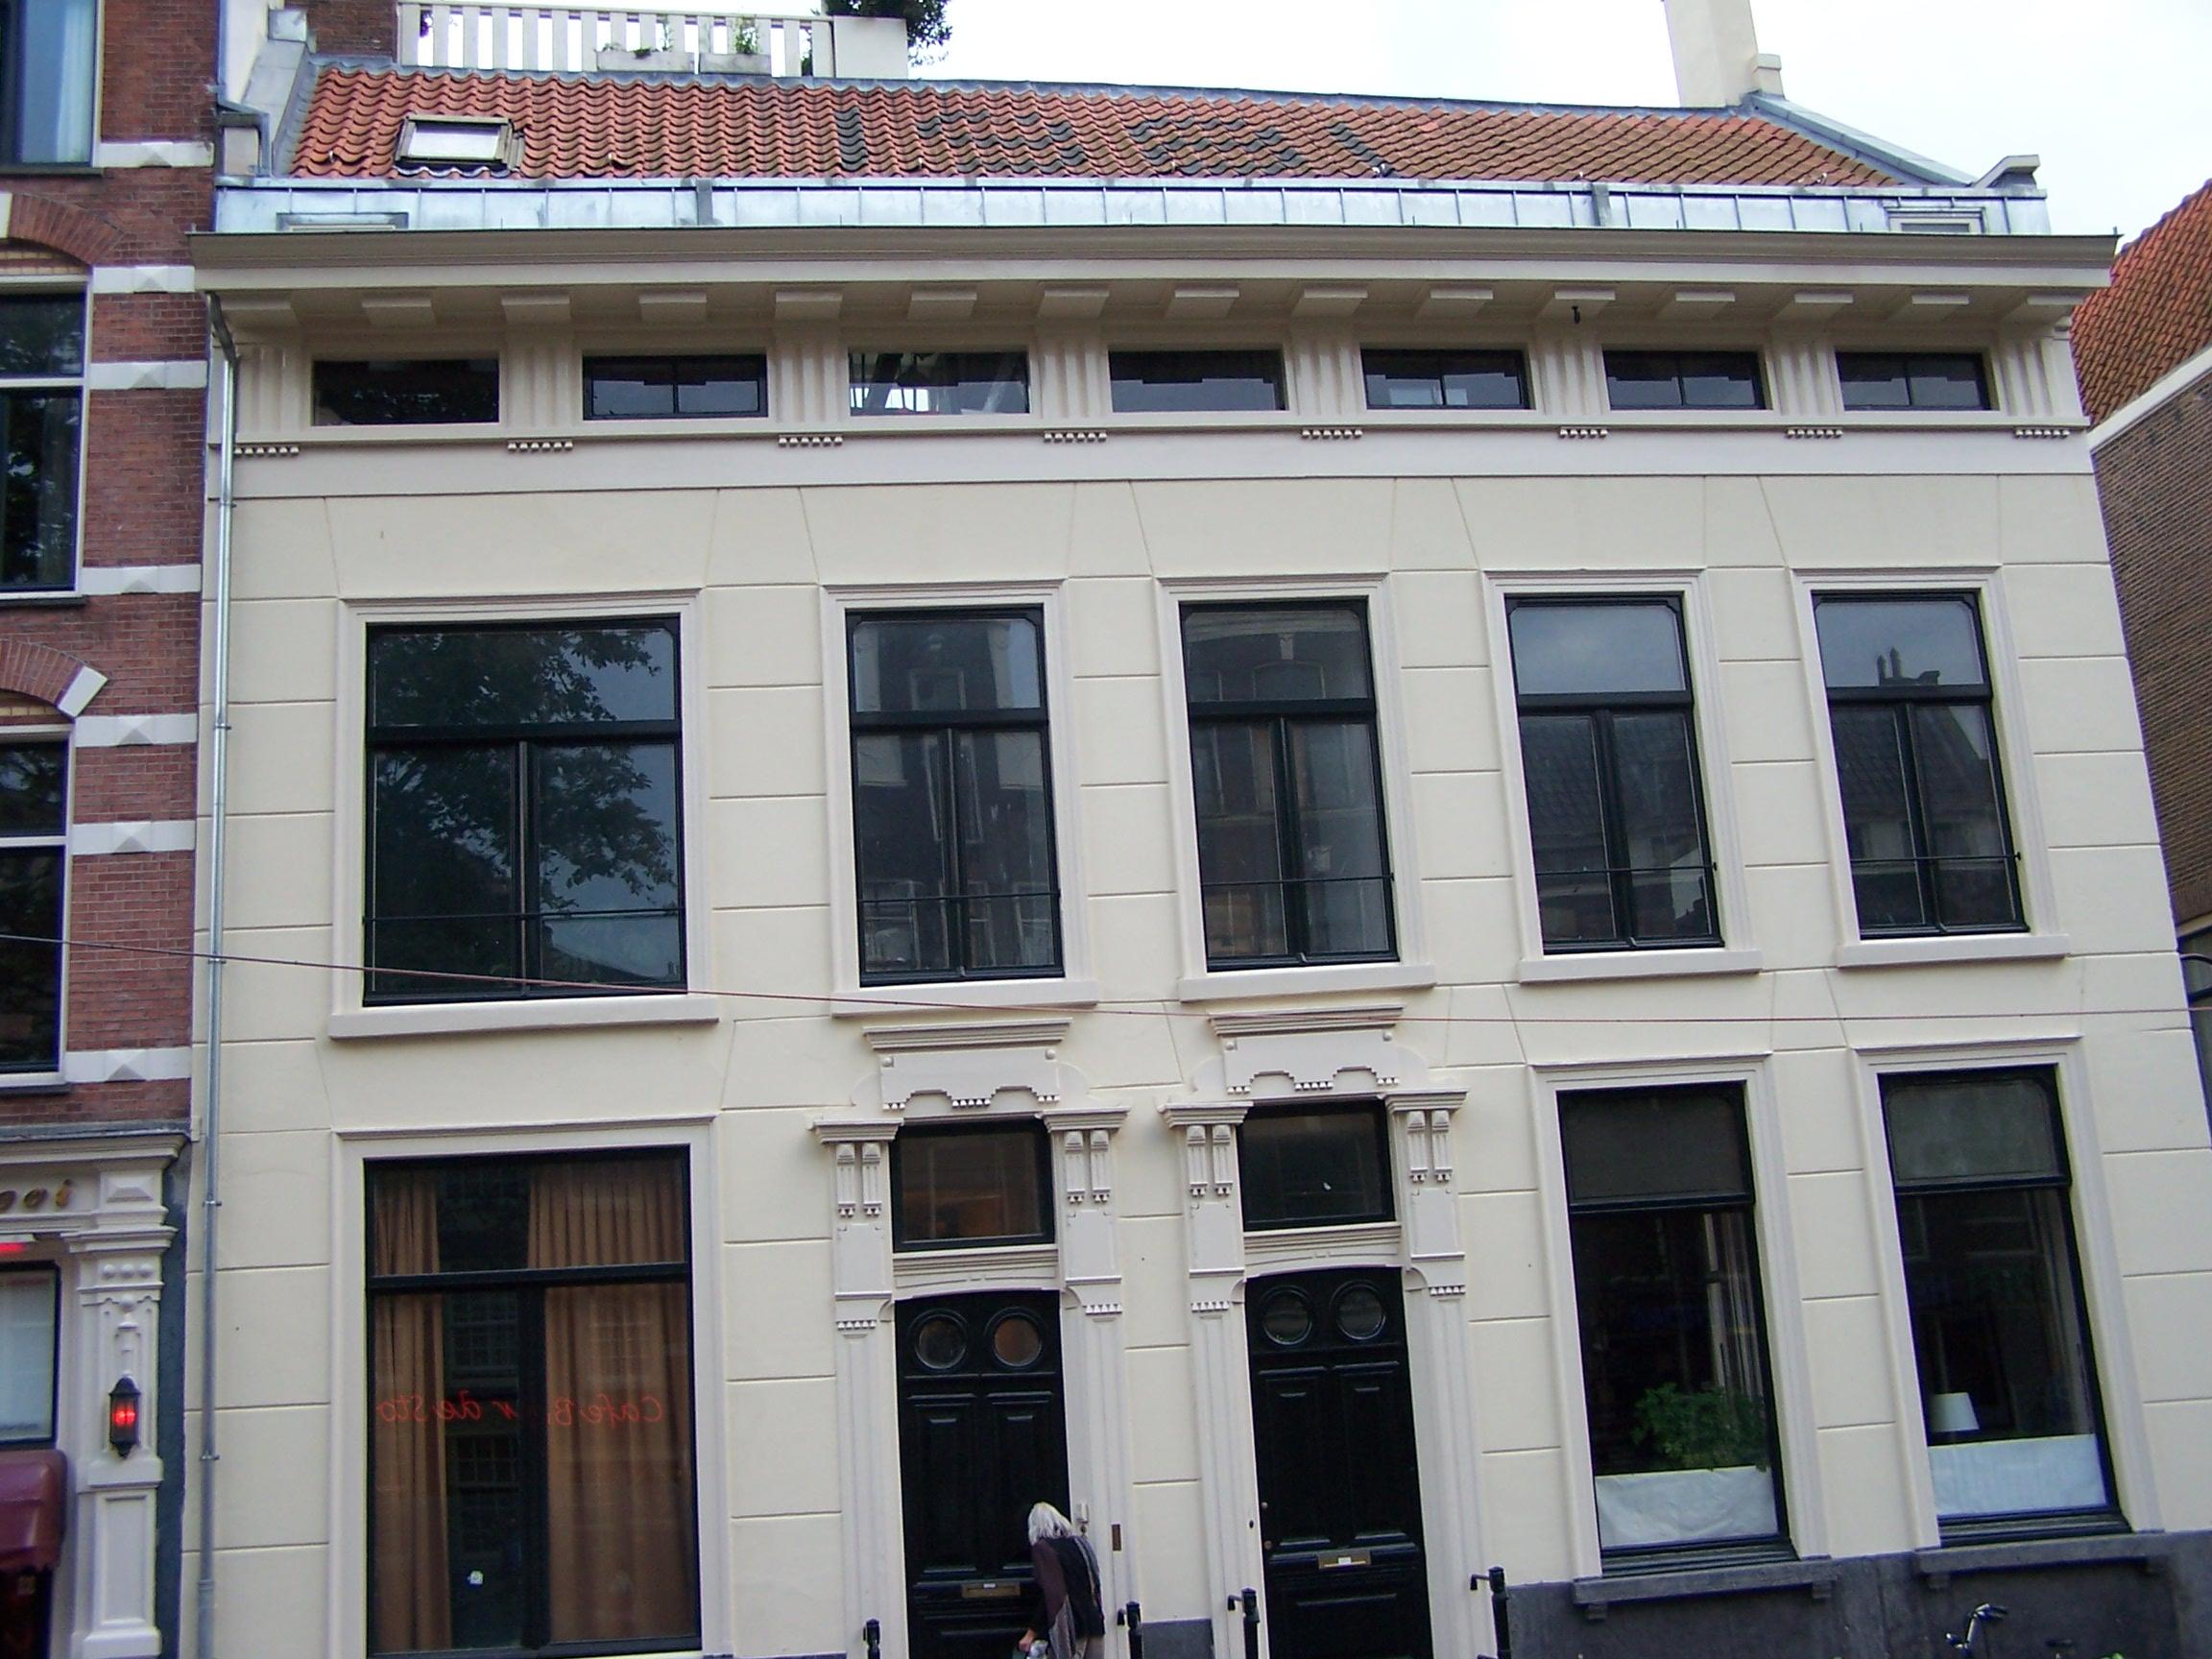 Dwarshuis onder een dak met het nummer 119 in amsterdam monument - Kantoor onder het dak ...